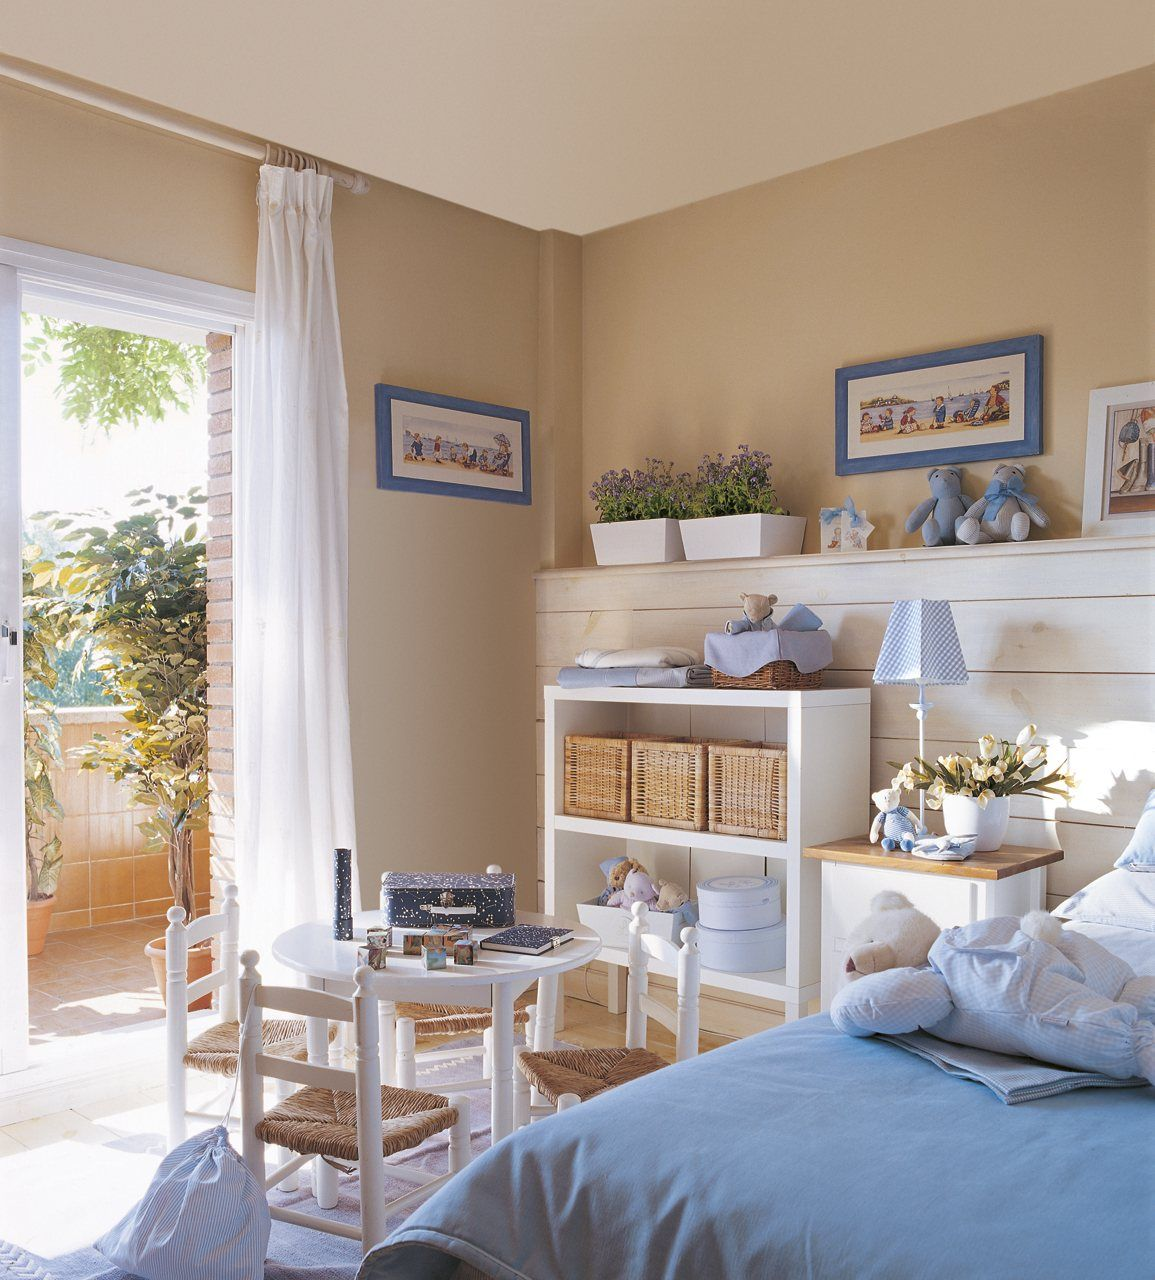 Habitaciones infantiles sanas y ecológicas | Habitación infantil ...